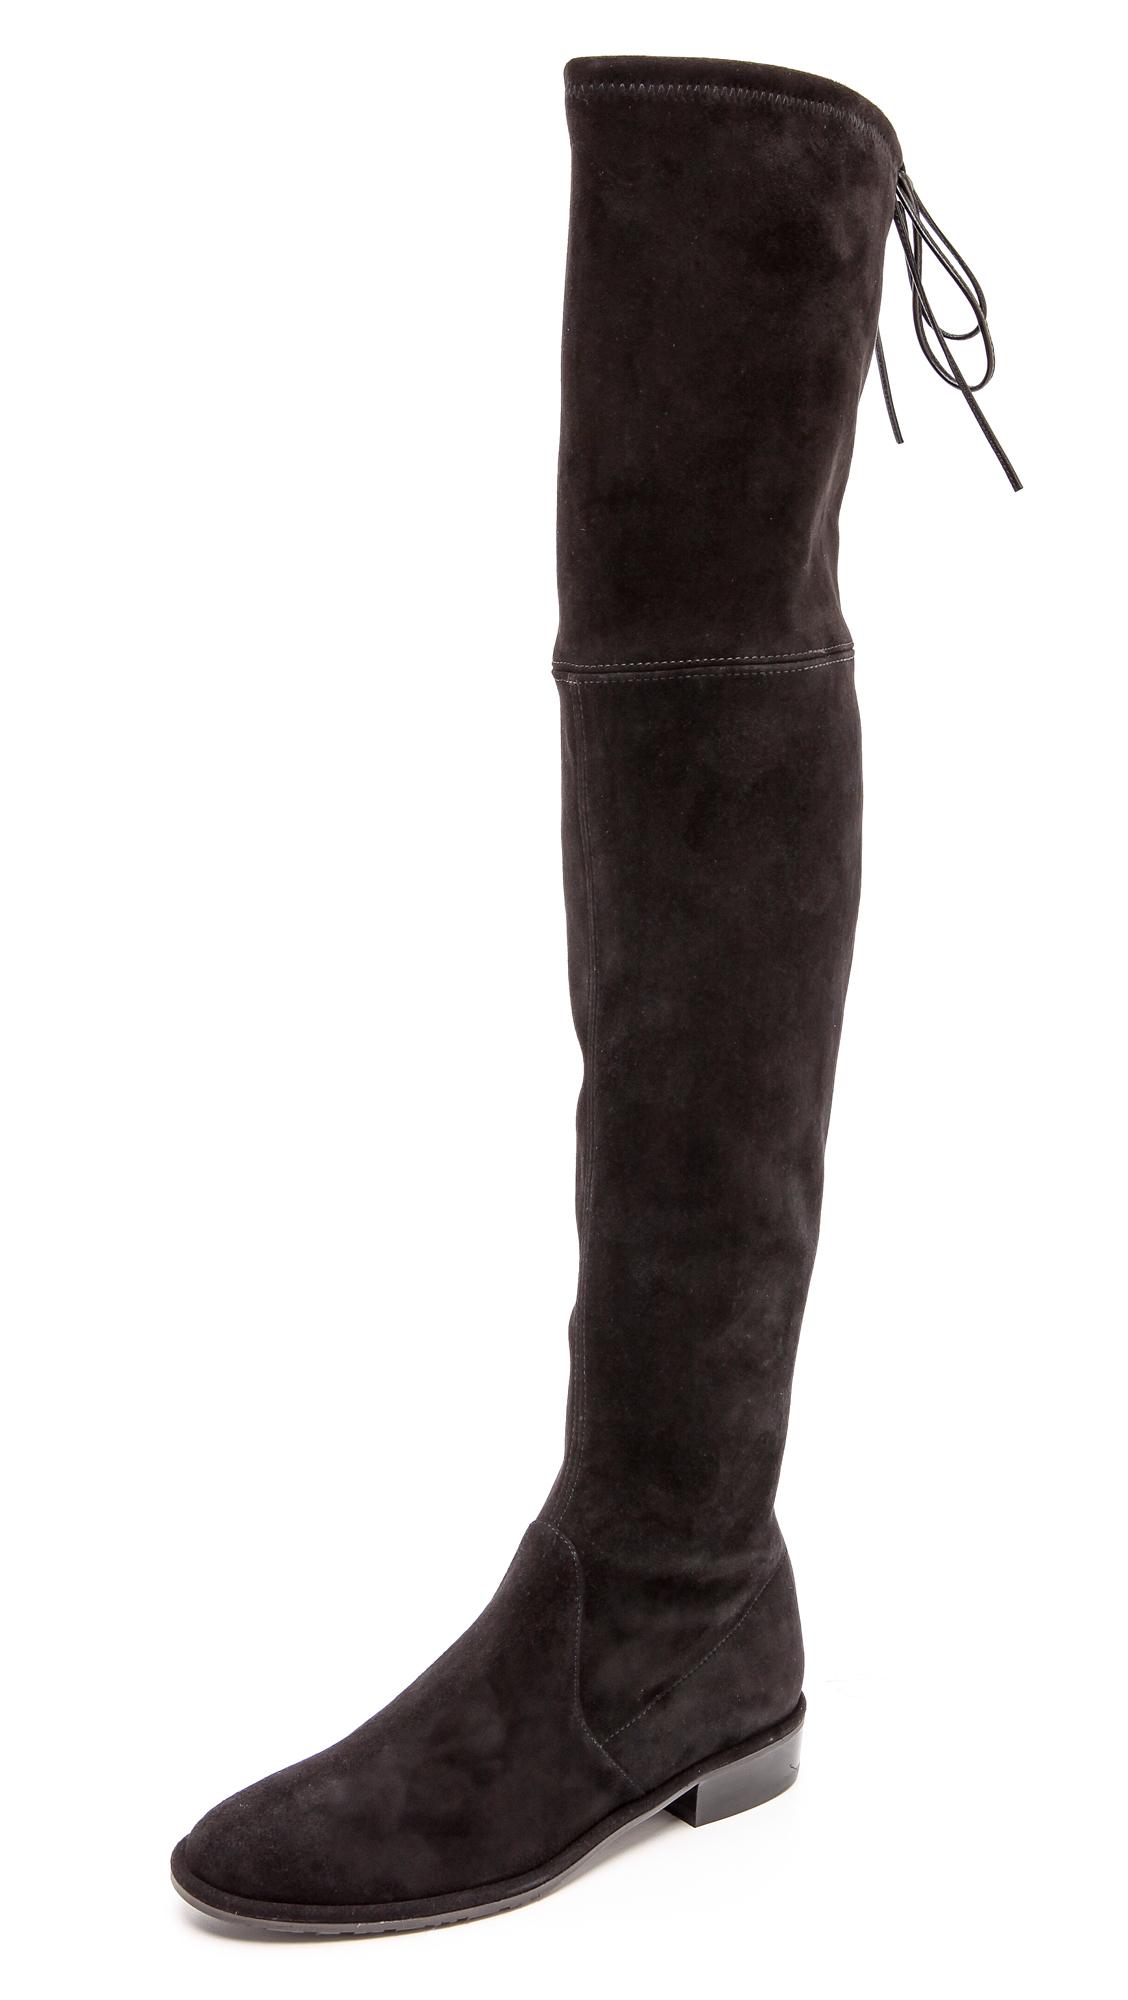 stuart weitzman 5050 suede the knee boot in black lyst